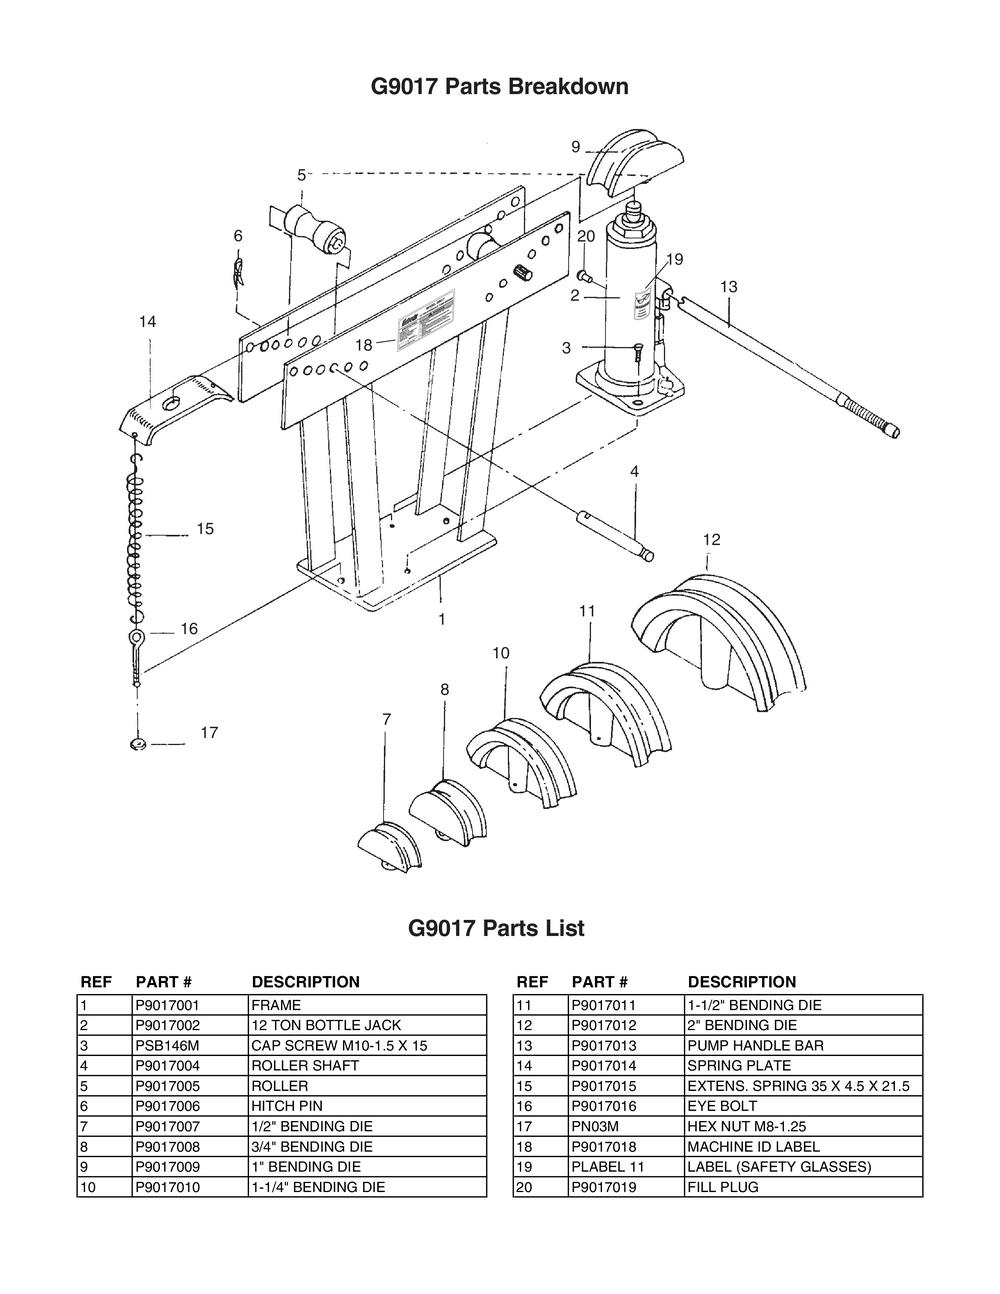 Hydraulic Floor Jack Rebuild Diagram